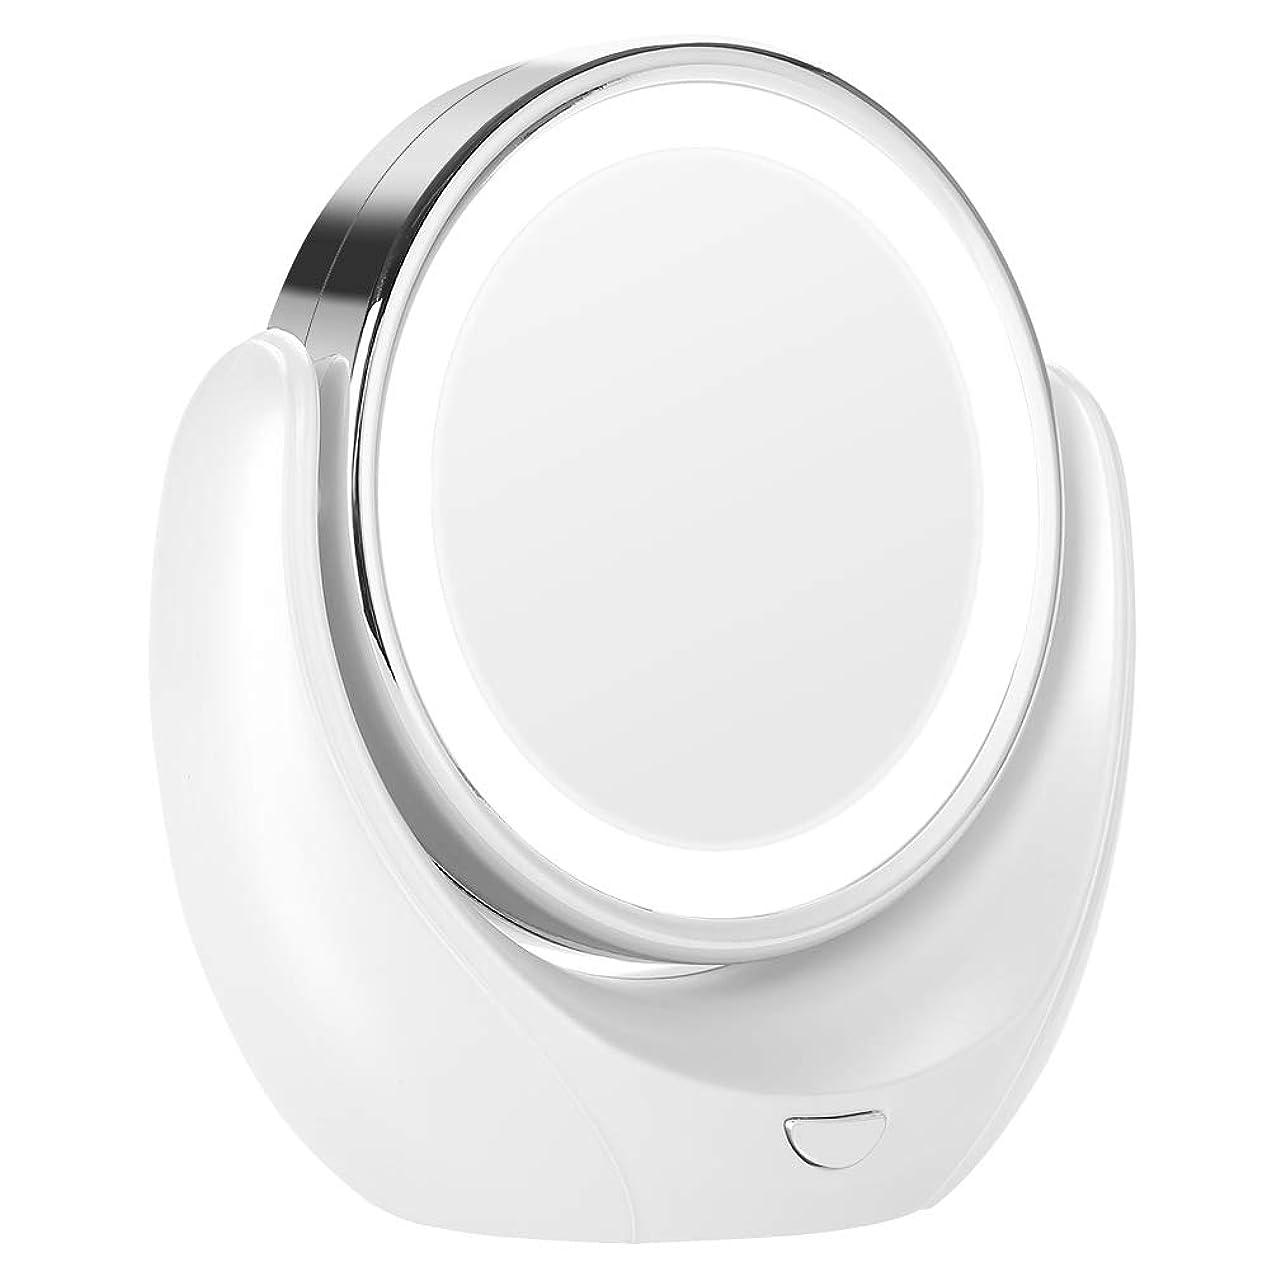 厳密に馬鹿トレイLED HD 5X拡大鏡360度回転可能なダブルミラー化粧化粧鏡